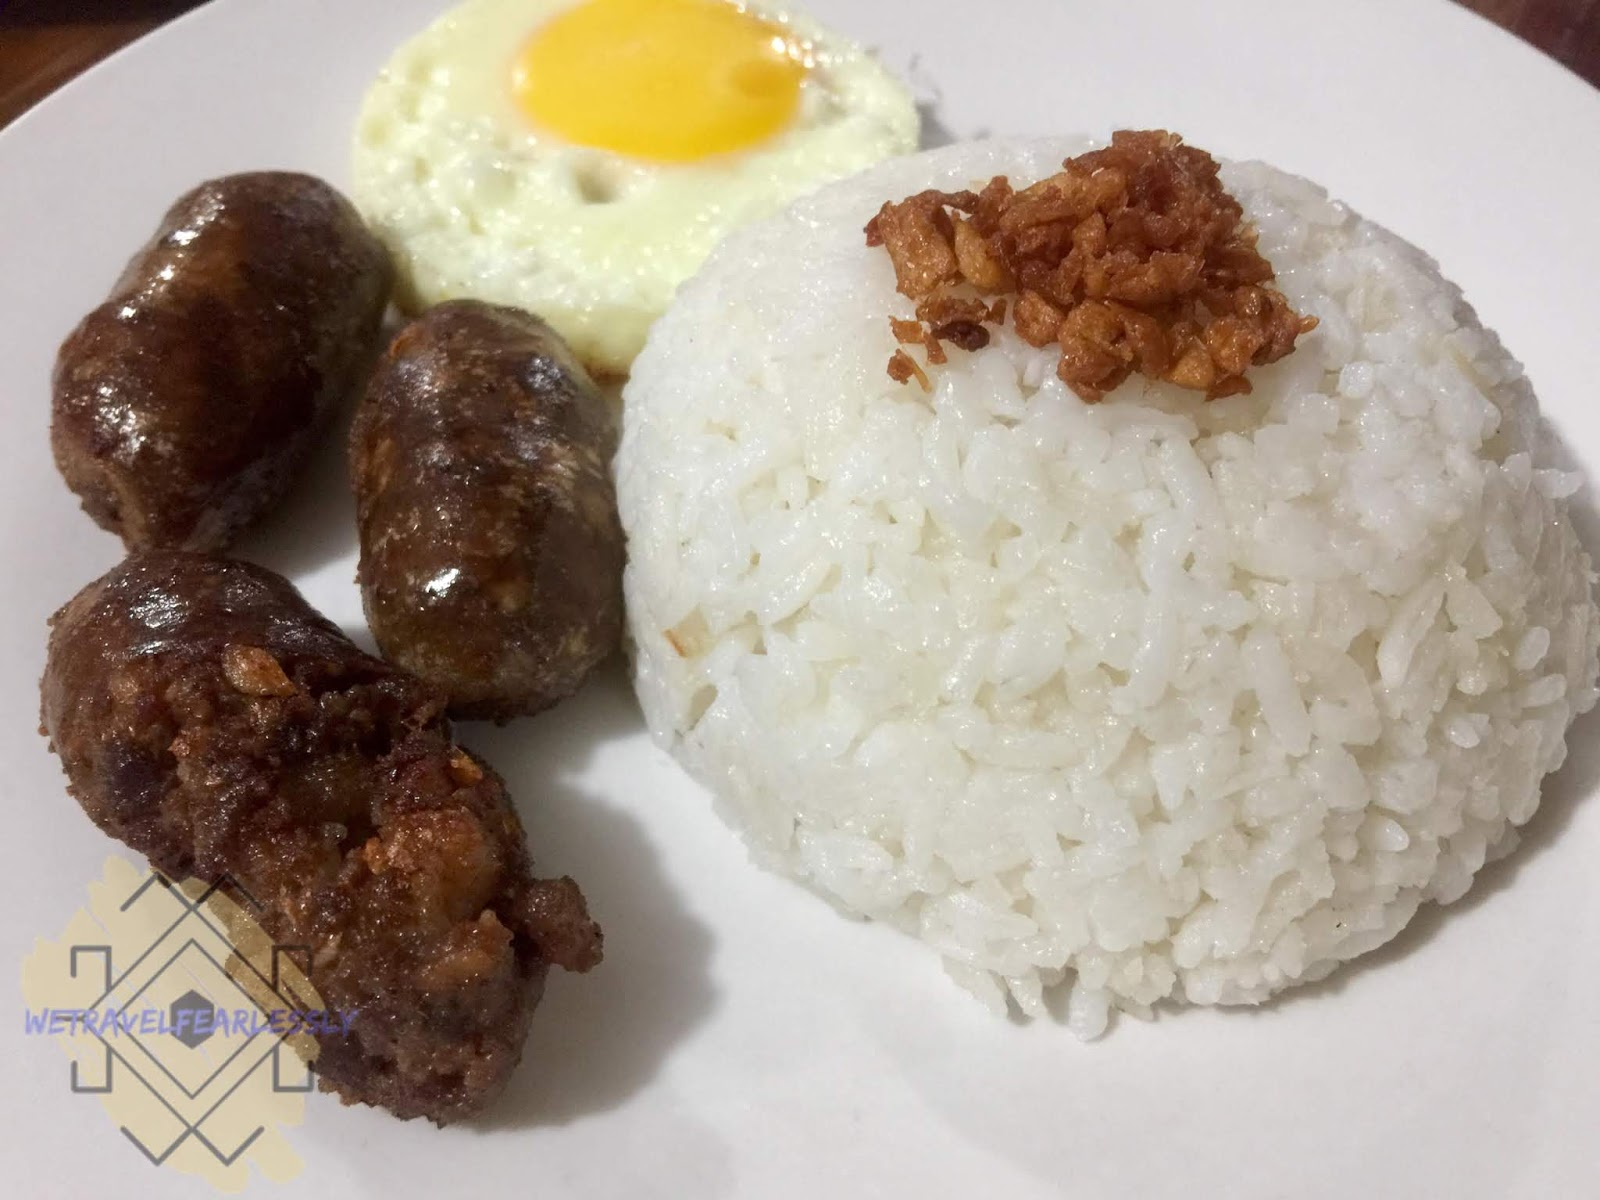 Longislog Ilocos in Tuki's Food Station in Manggahan, Pasig